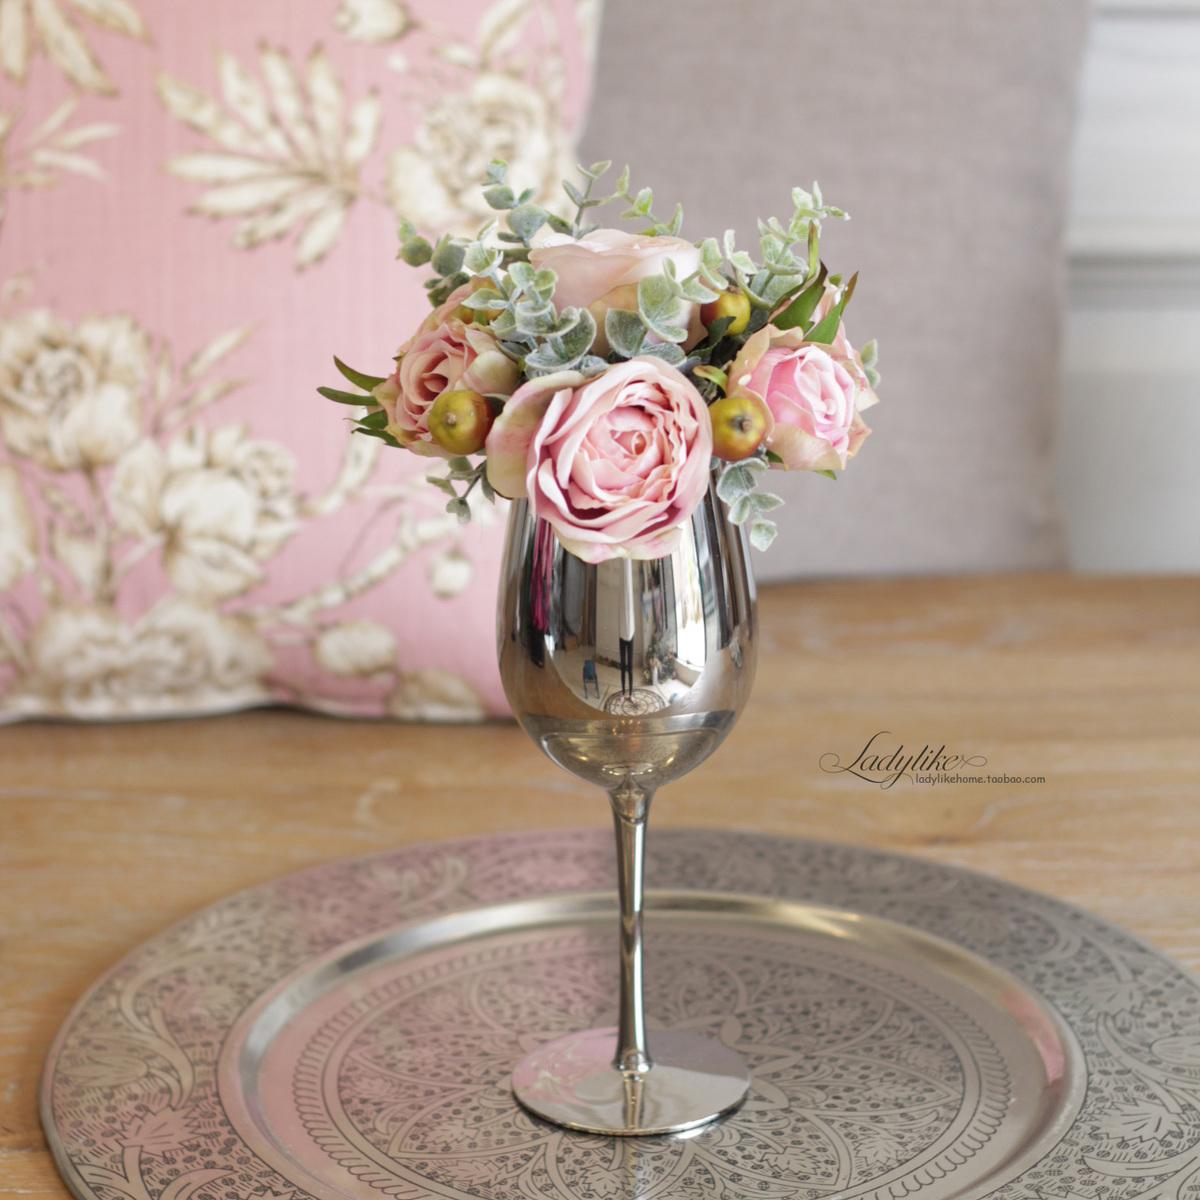 ladylike歐式美式創意模擬花假花玫瑰鏡面酒杯高腳杯花藝套裝擺件